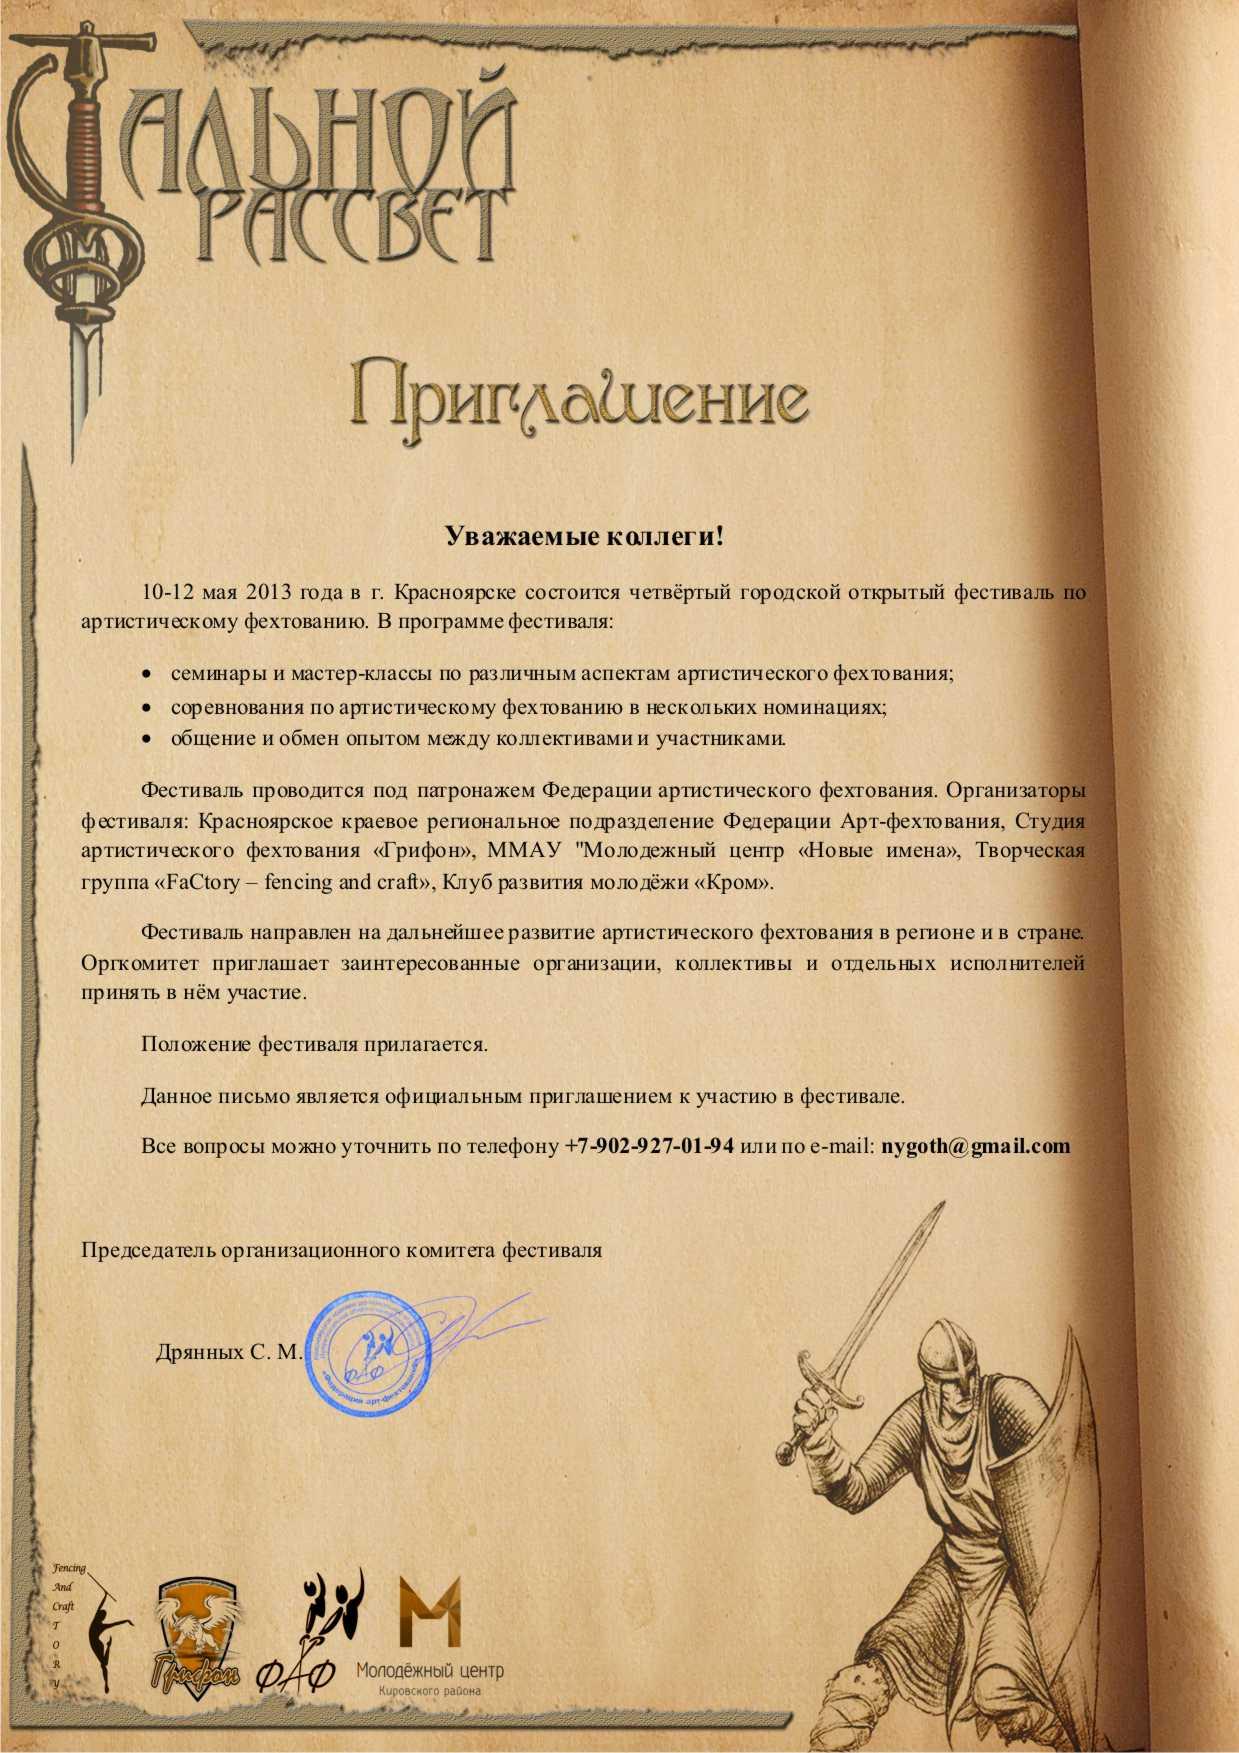 Приглашение на Стальной Рассвет